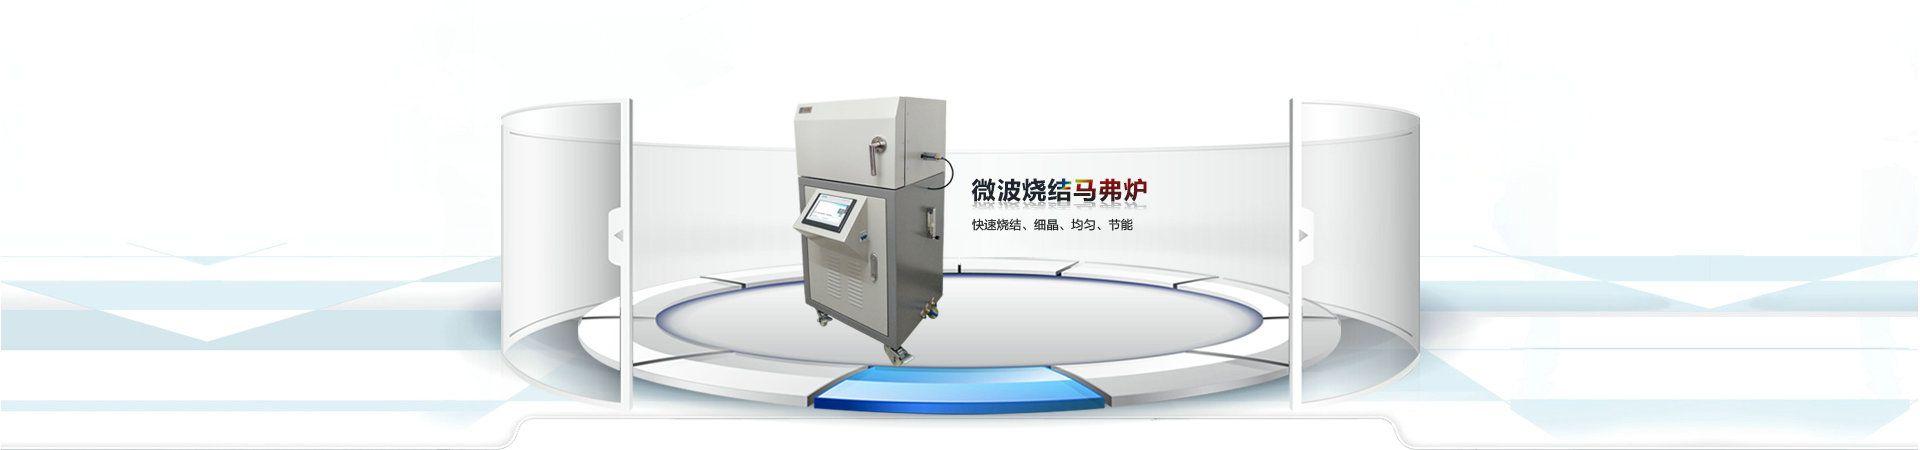 湖南长仪微波科技有限公司